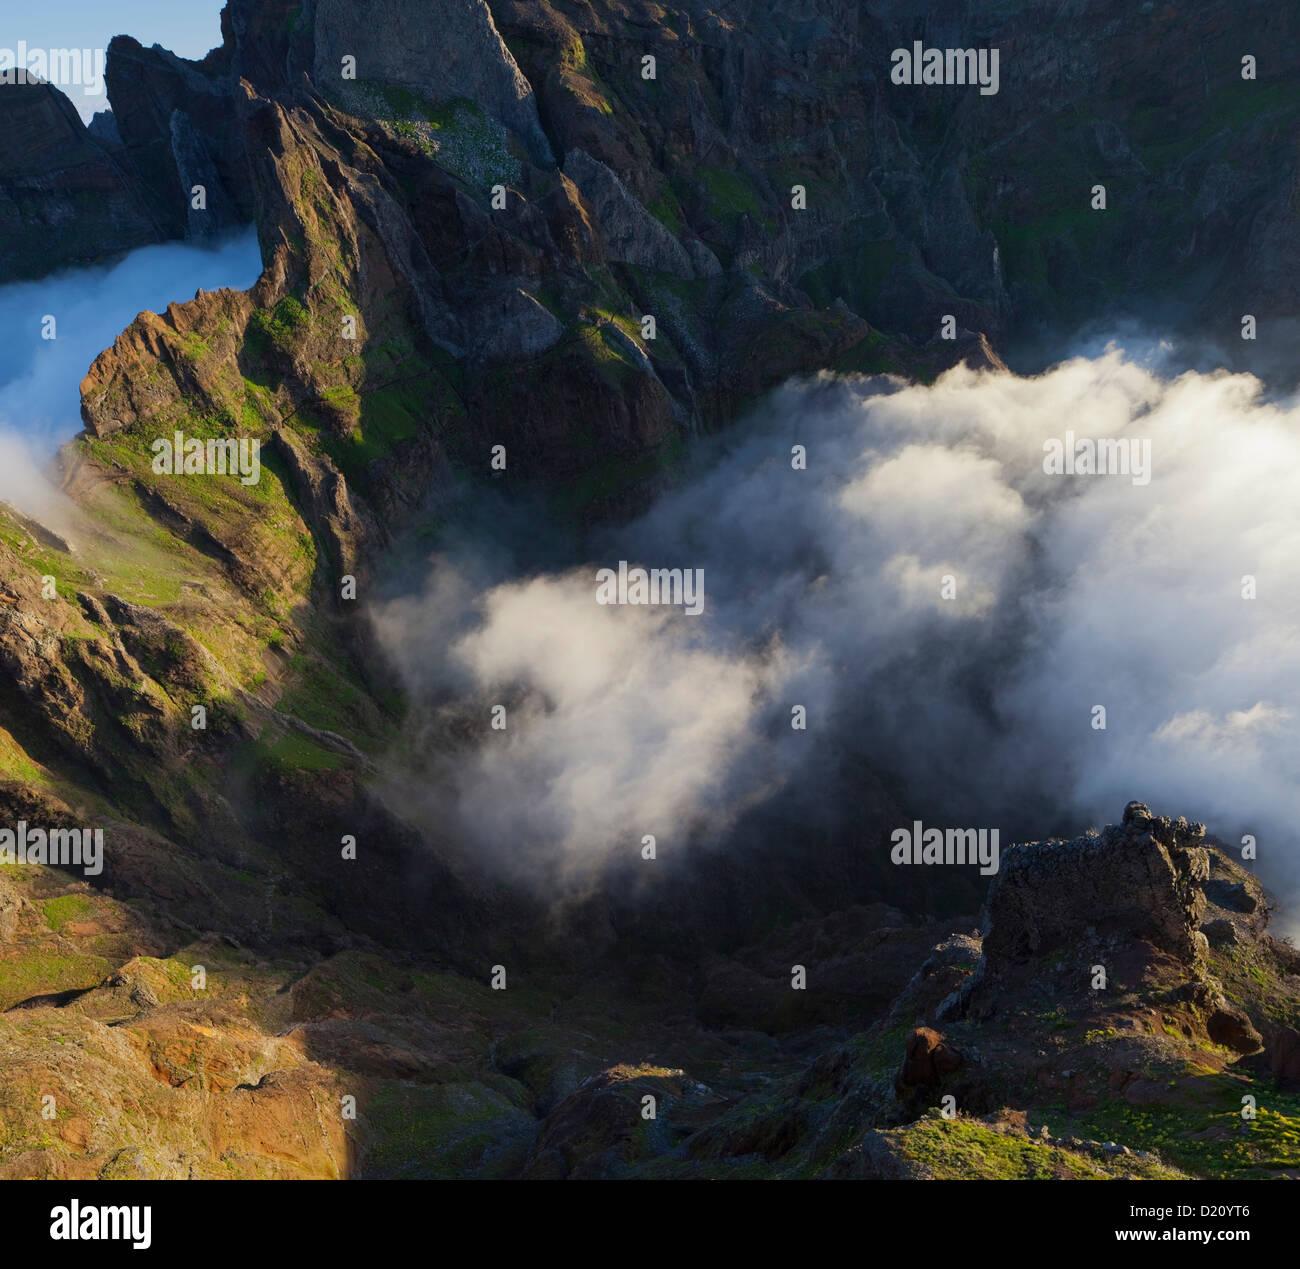 View from Miradouro Ninho da Manta, Pico do Arieiro, Madeira, Portugal Stock Photo